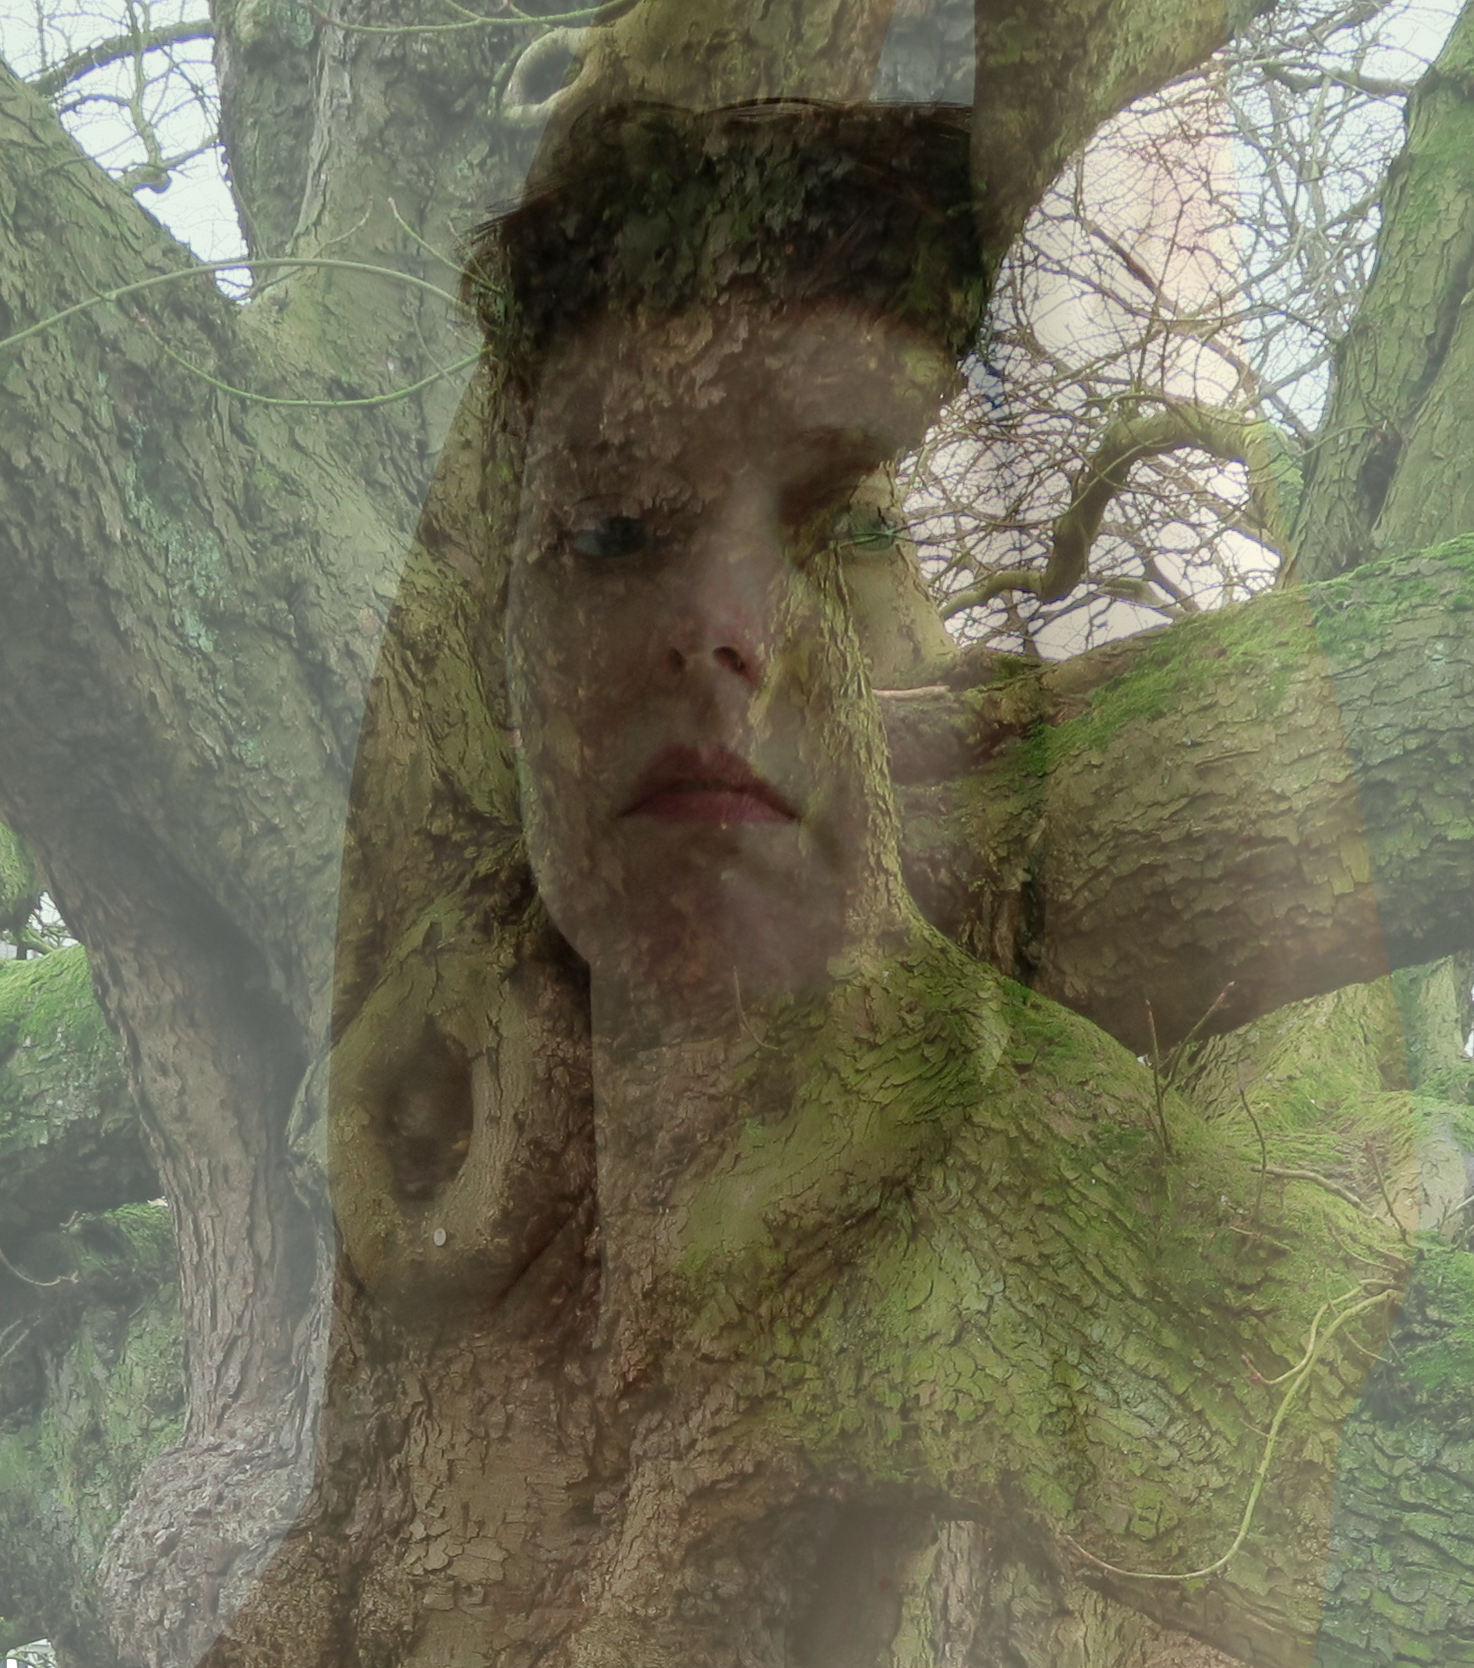 de_tail-celine-arbre-1516877709.png